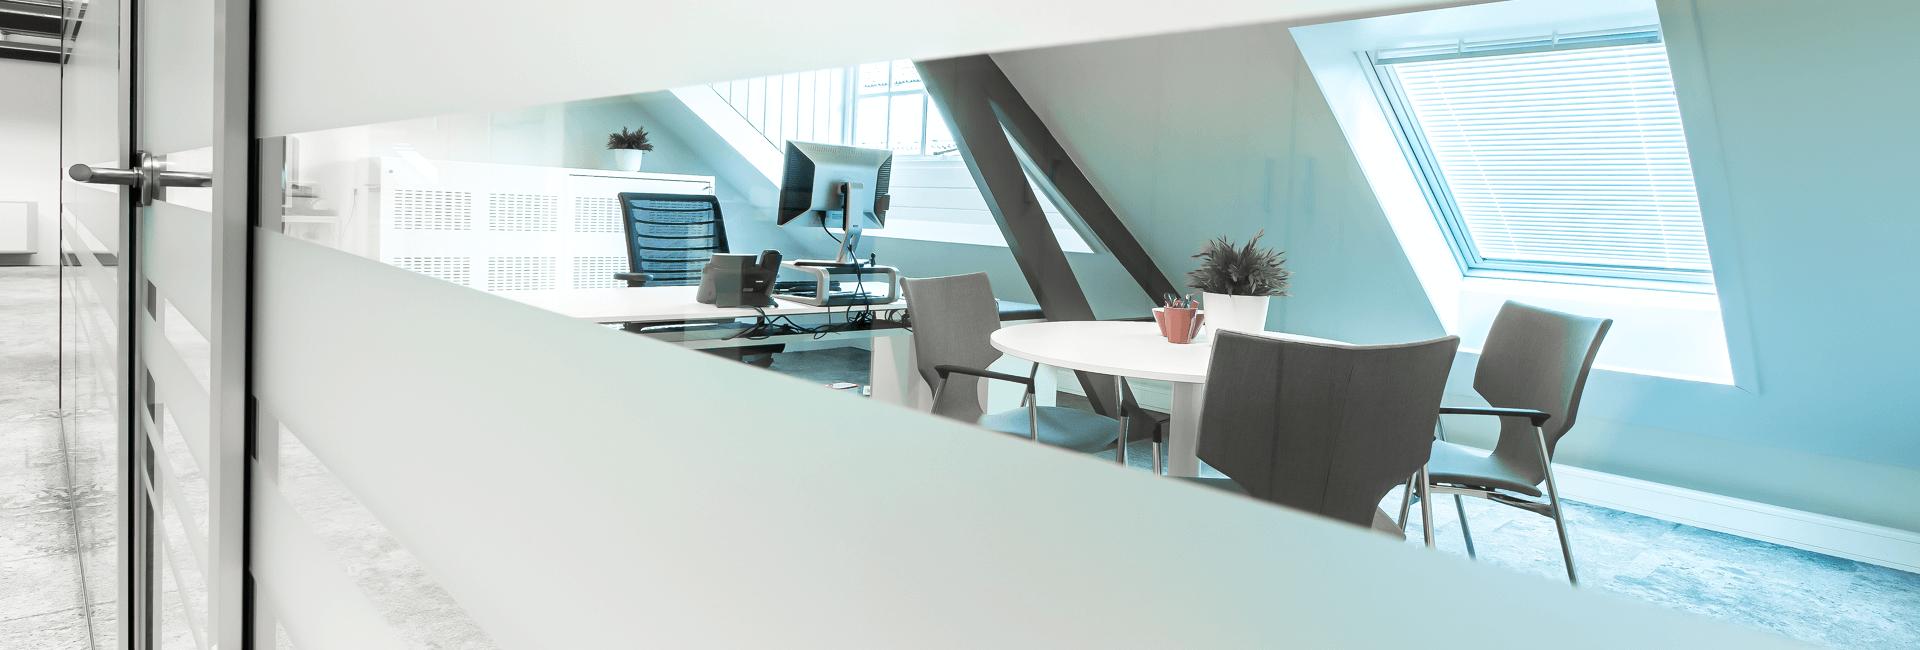 kantoorinrichting-trek-benelux